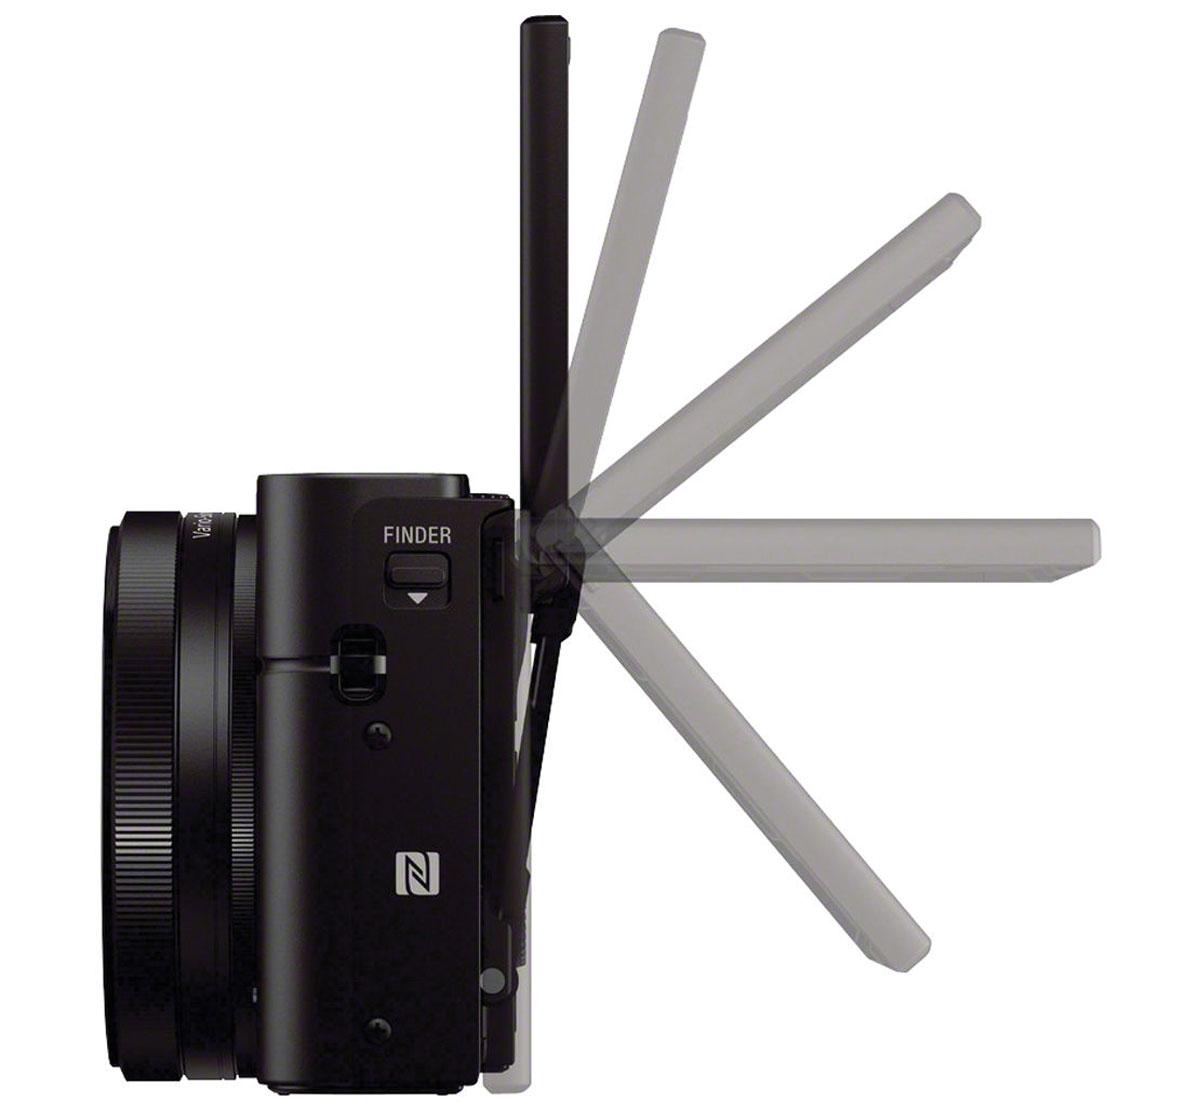 Sony Cyber-shot DSC-RX100 IIIцифровая фотокамера Sony